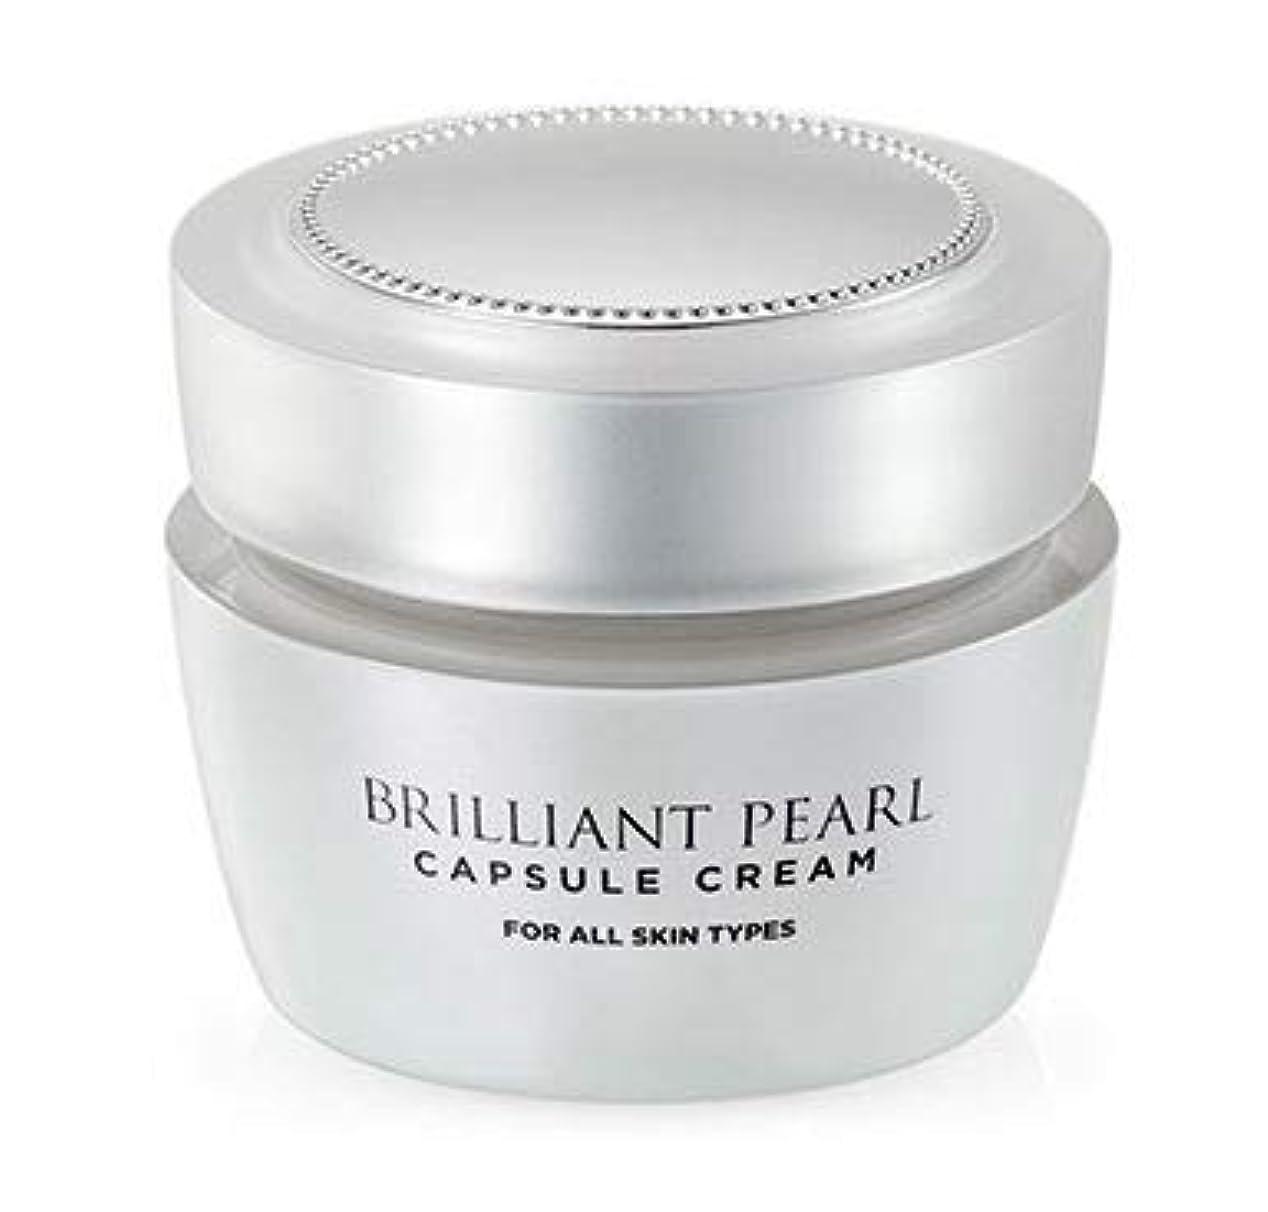 スコットランド人剥離ホイッスル[A.H.C] Brilliant Pearl Capsule Cream 50g /ブリリアントパールカプセルクリーム50g [並行輸入品]